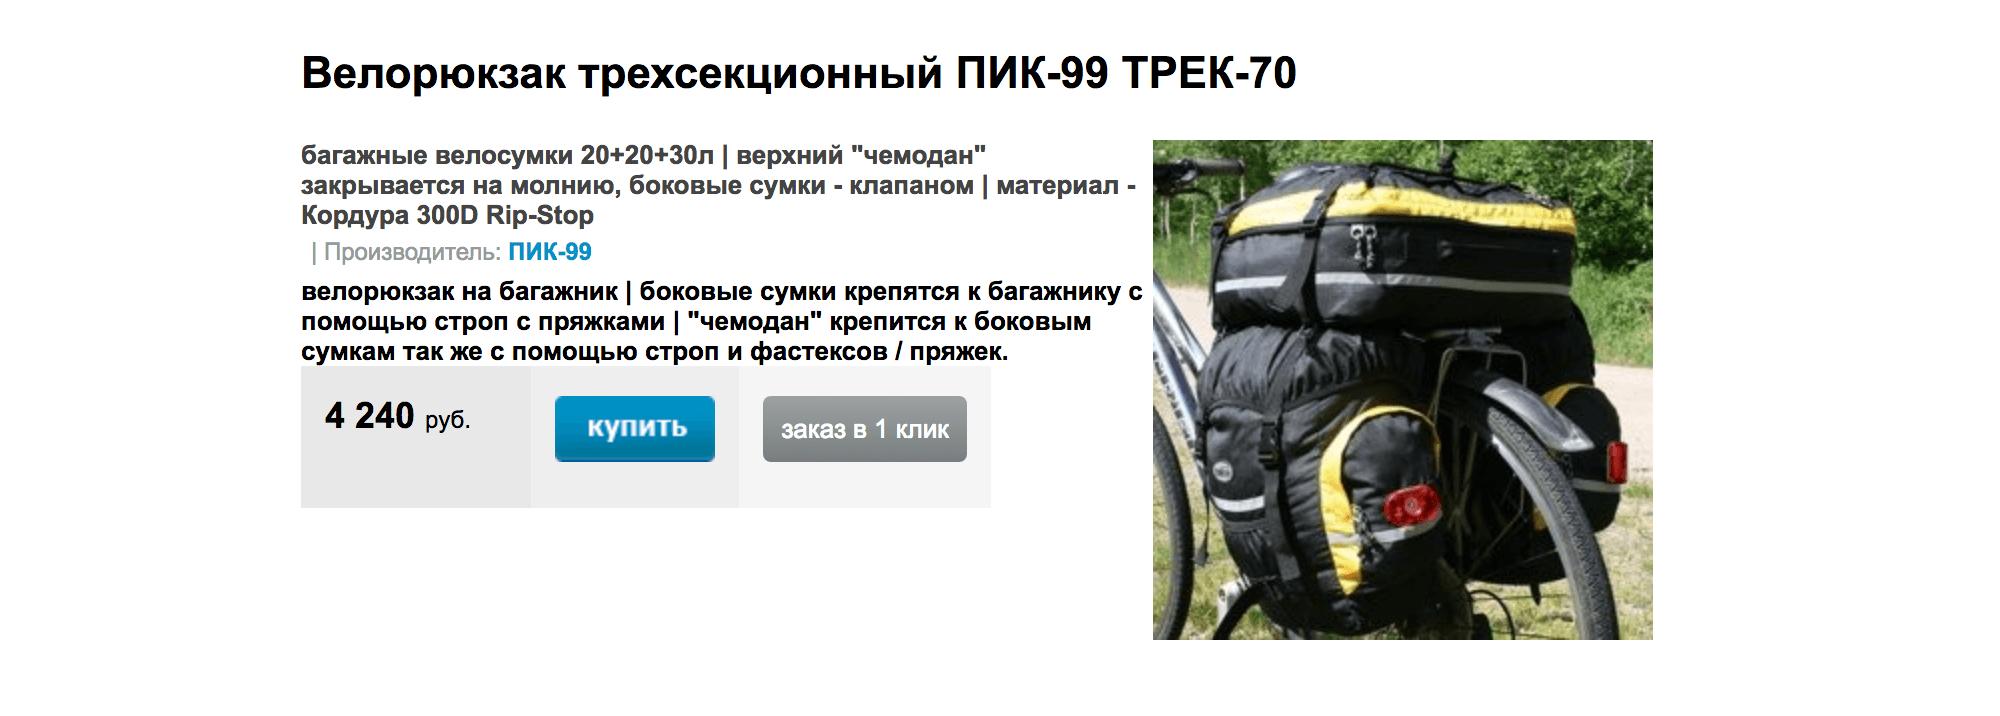 Между сумками и велоштанами я выбрала сумки: на мой взгляд, они удобнее